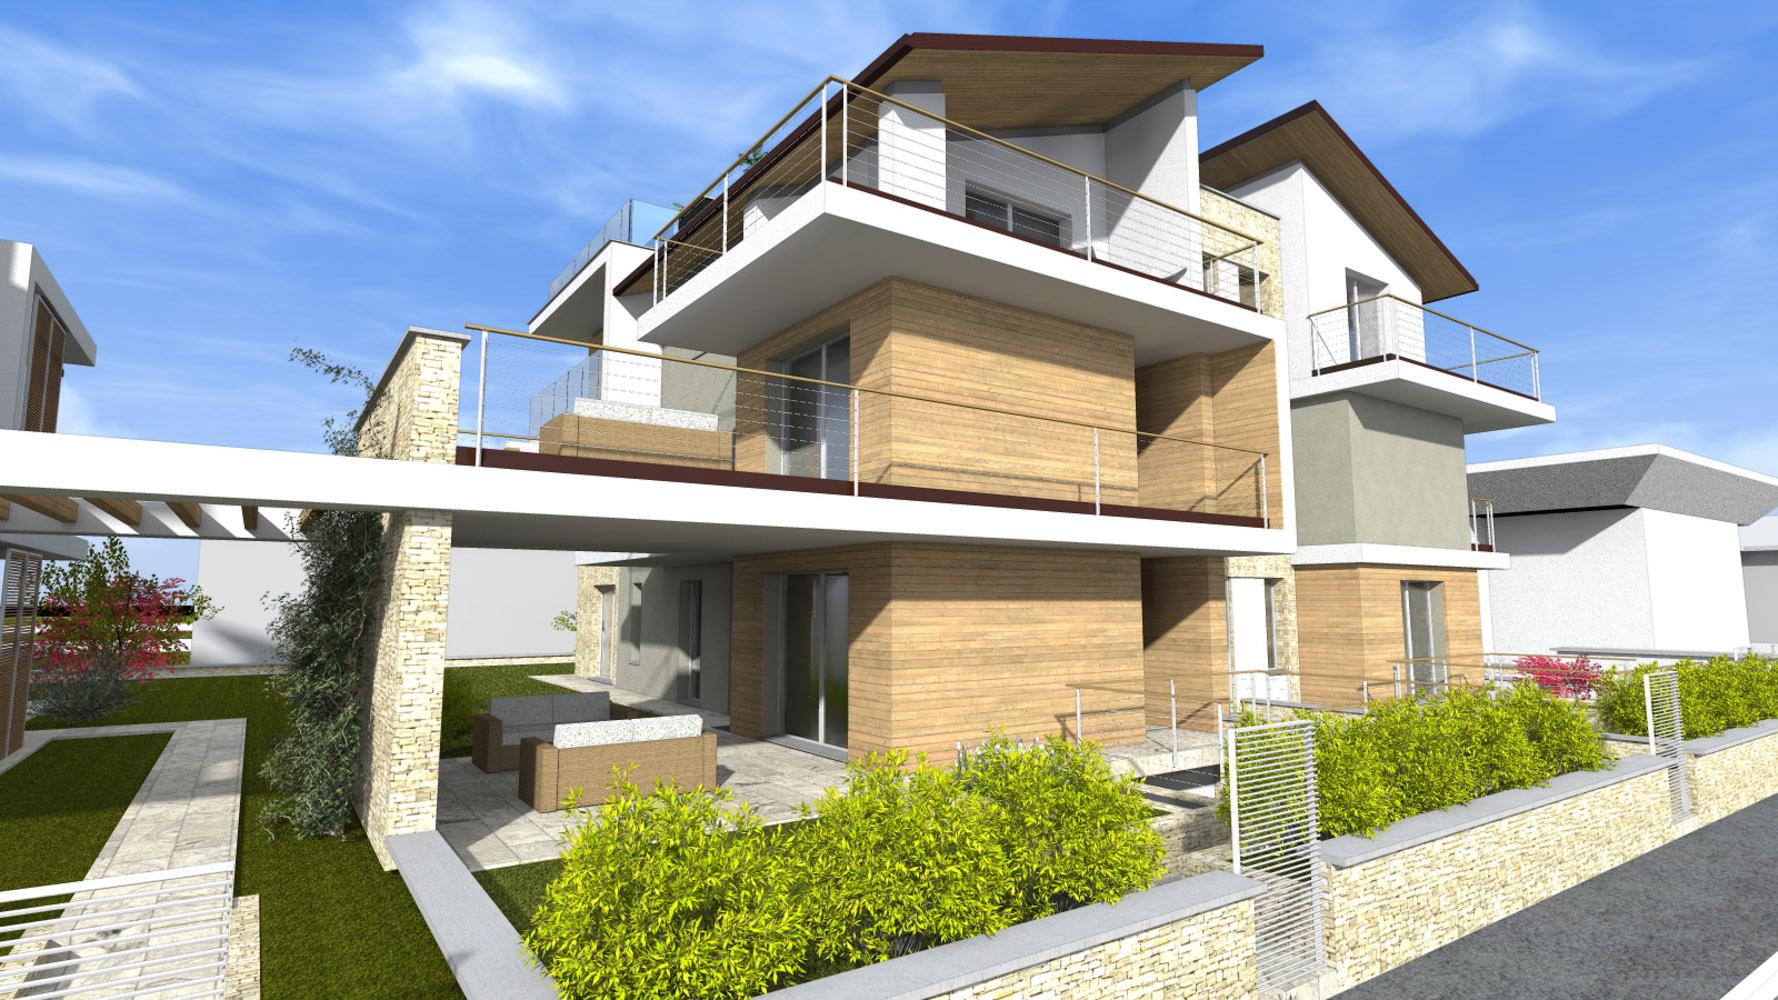 Q1 plurilocale con giardino for Software di piano terra residenziale